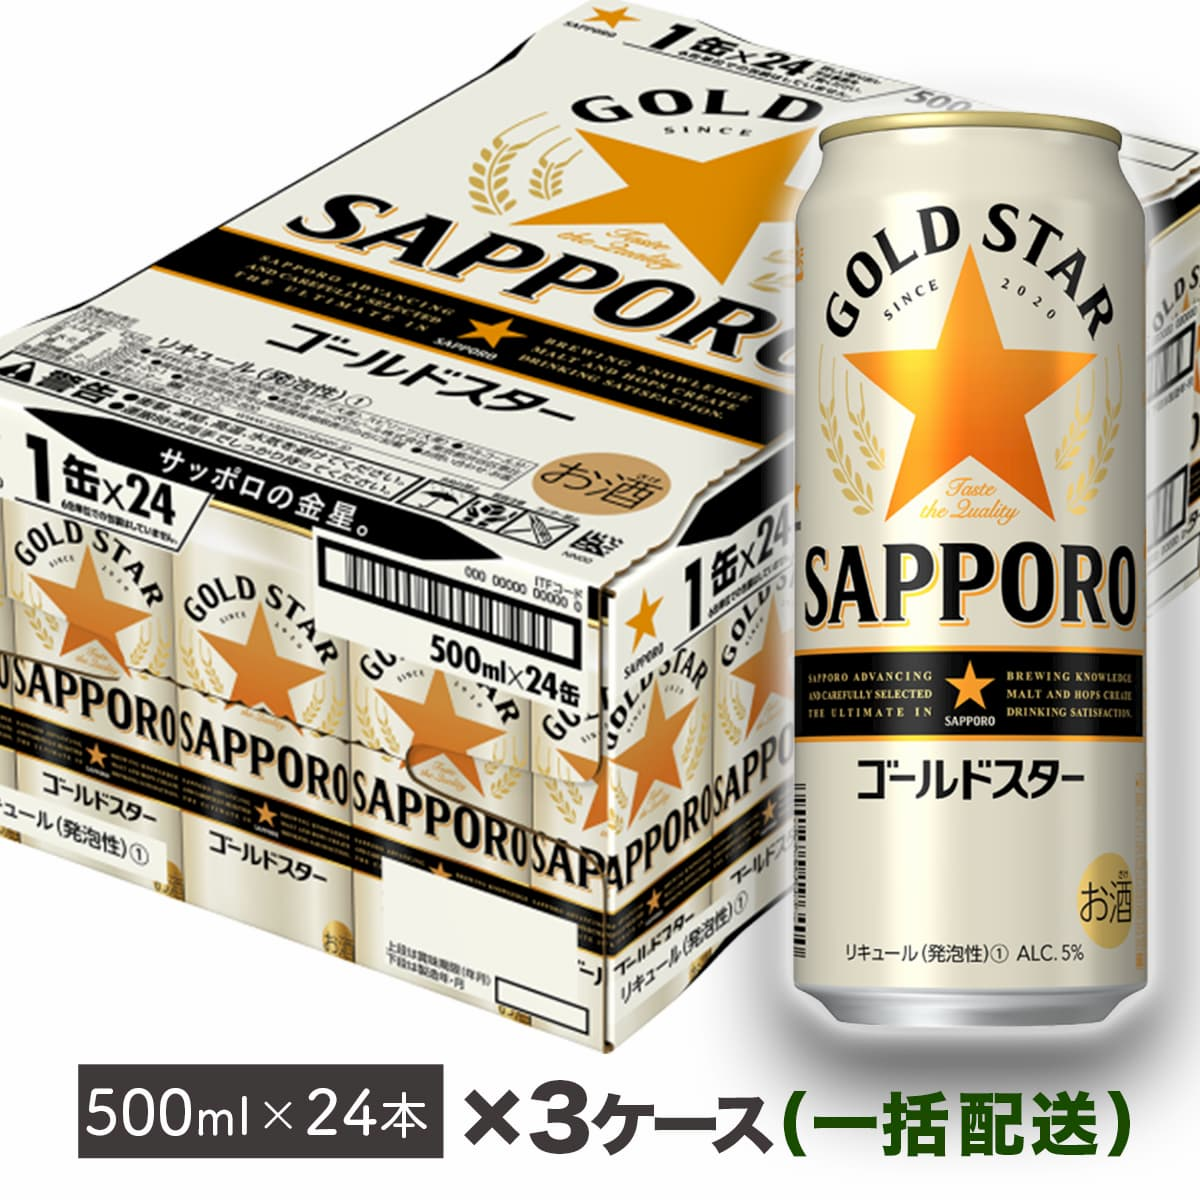 【ふるさと納税】地元名取産 サッポロ ゴールドスター 金星 500ml缶×24本(1ケース)を3ケース同時配送